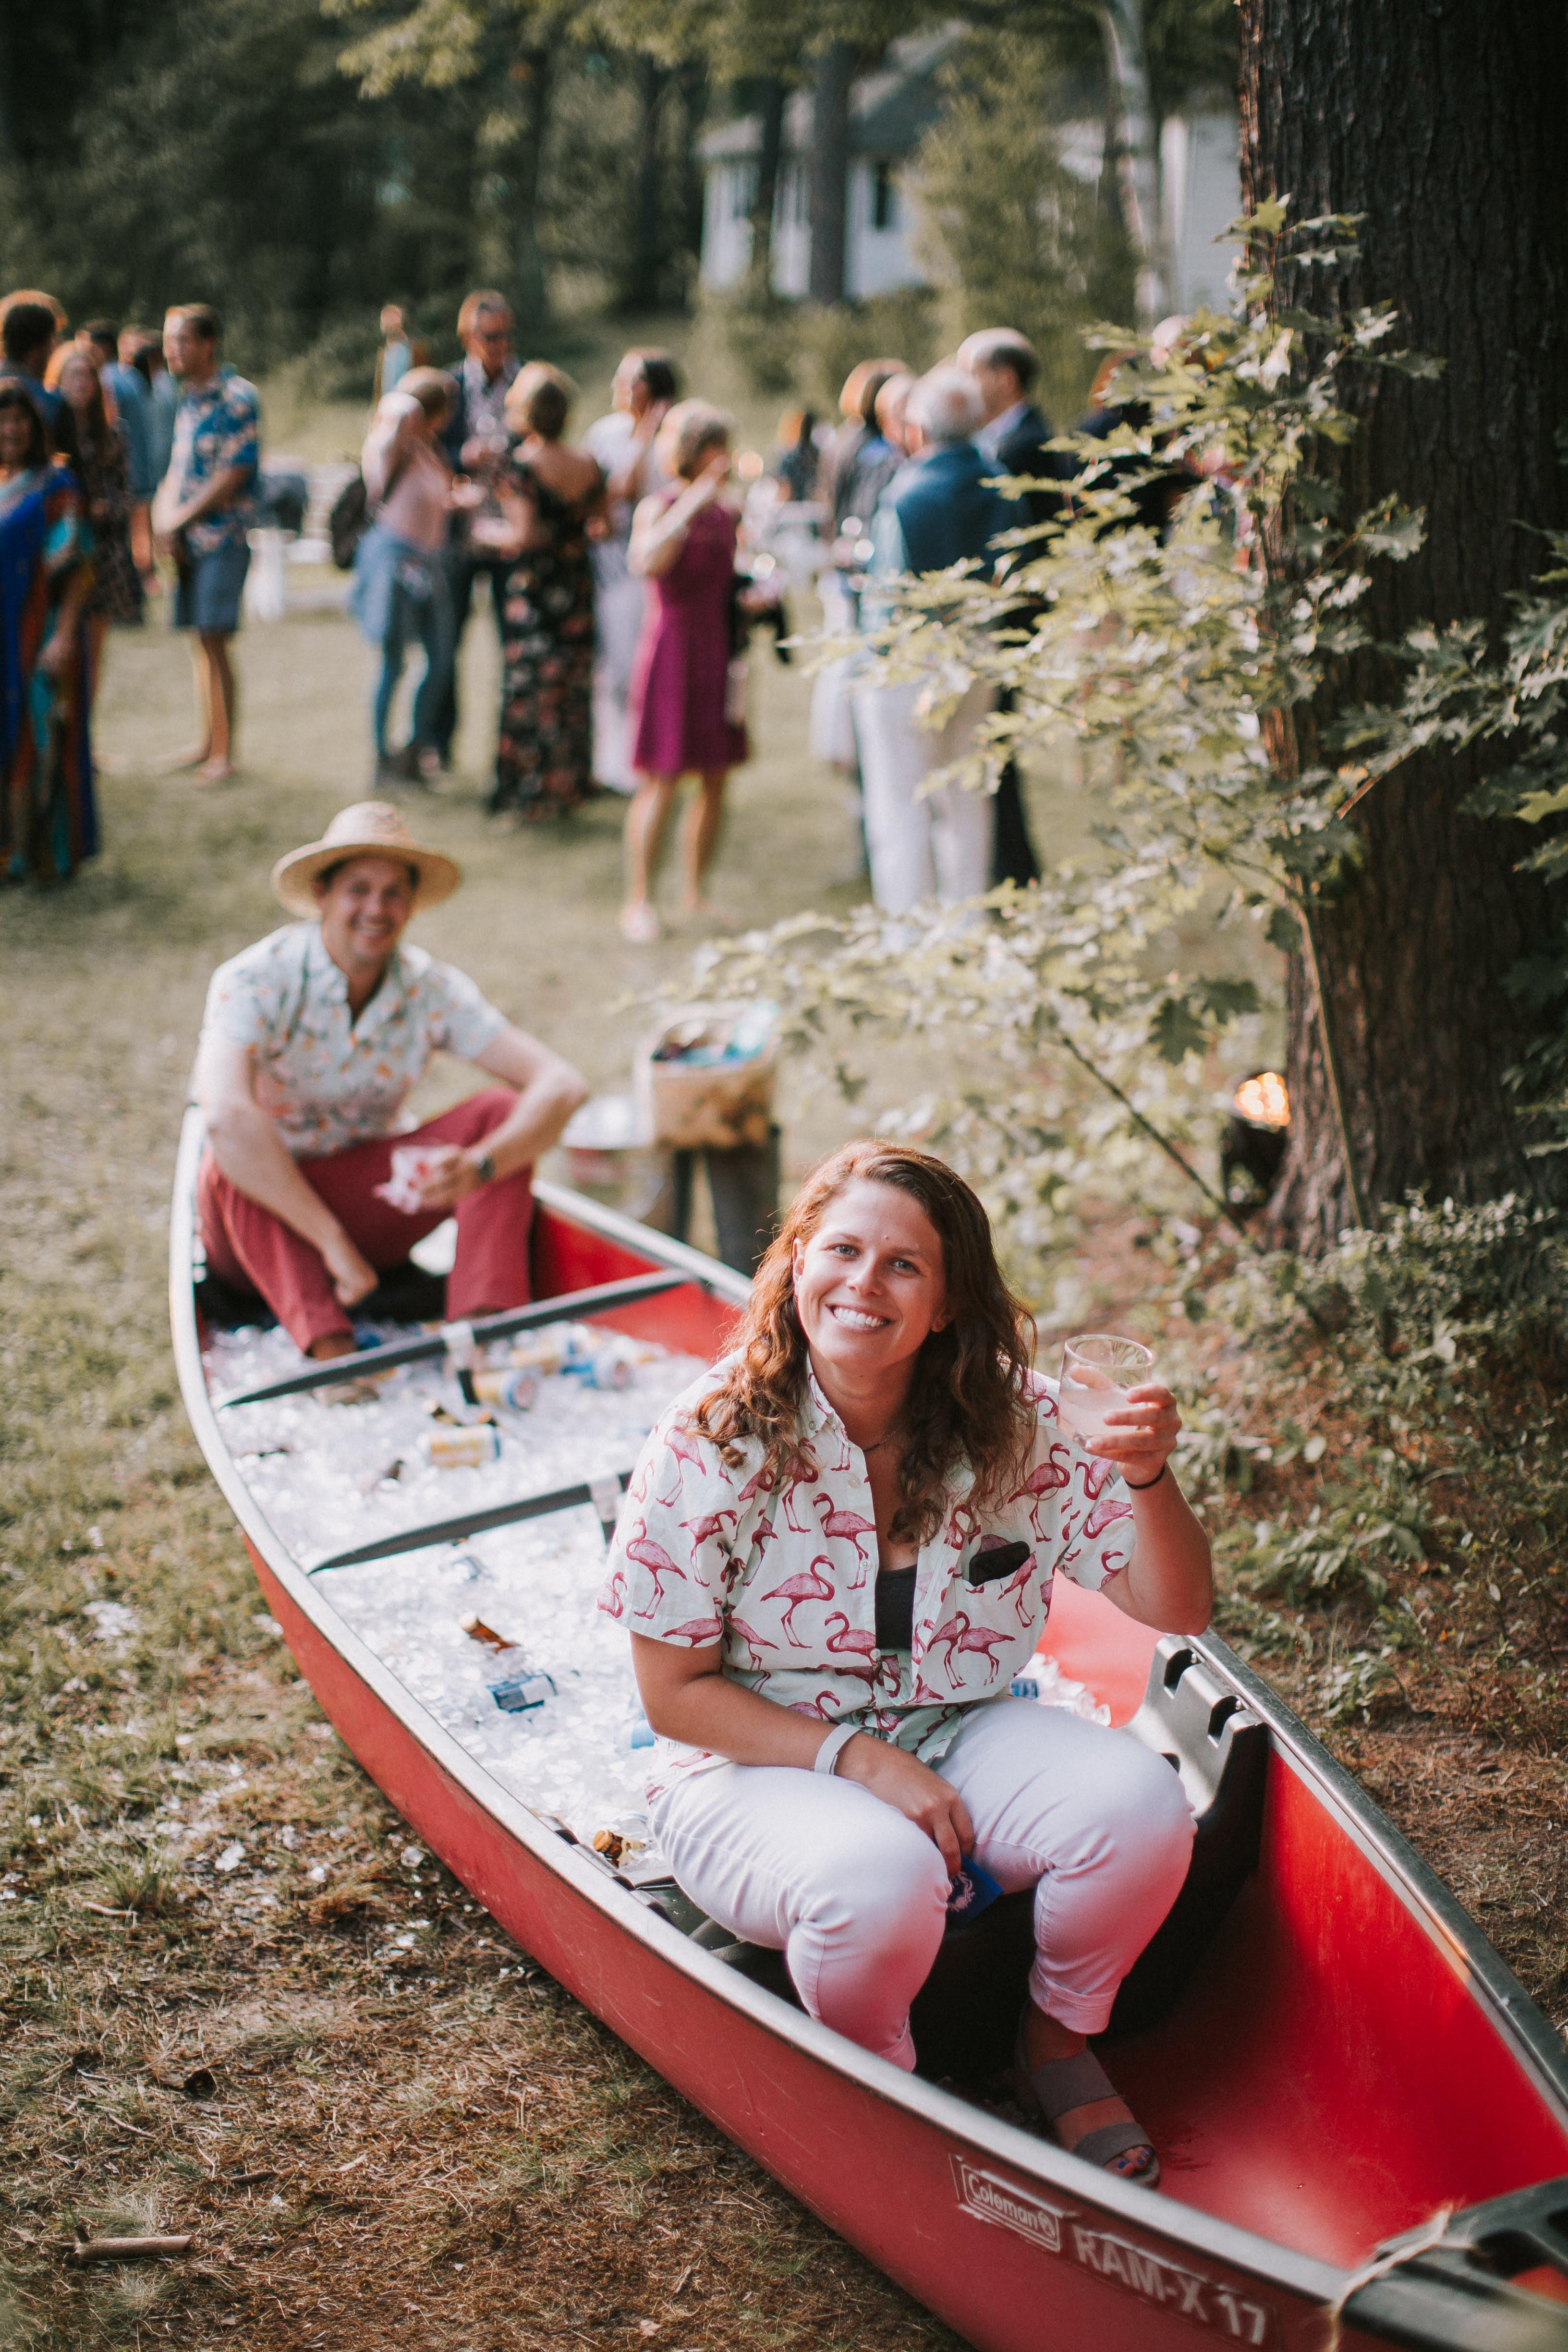 sofi ben camp weekend beer canoe